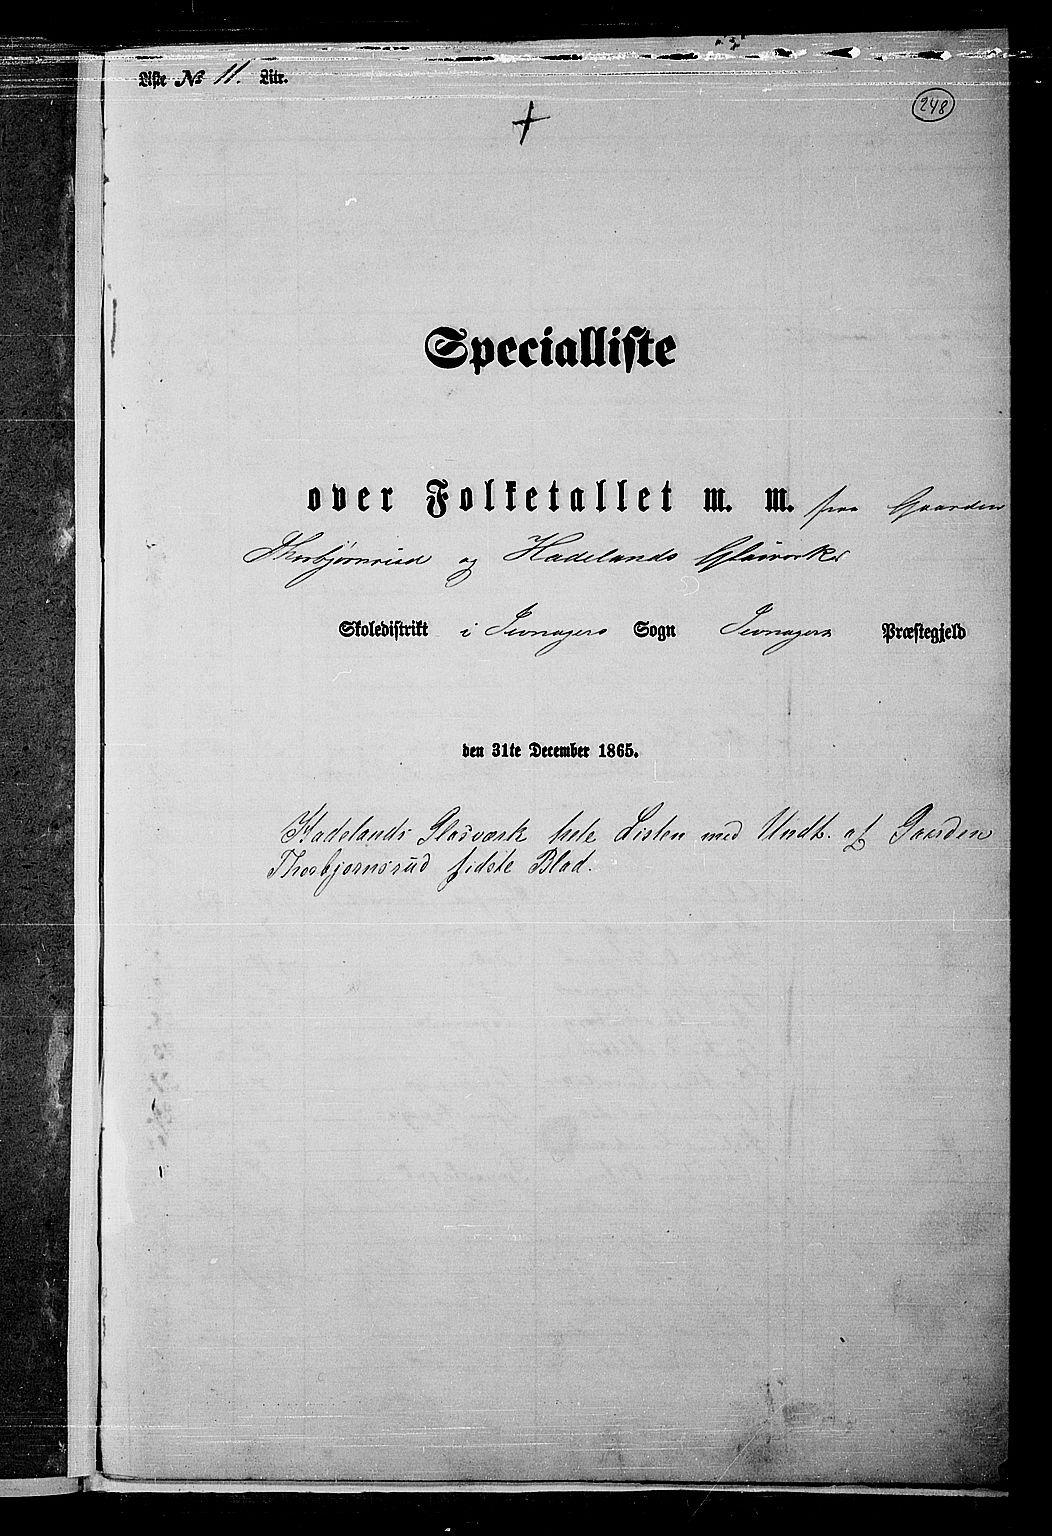 RA, Folketelling 1865 for 0532P Jevnaker prestegjeld, 1865, s. 228